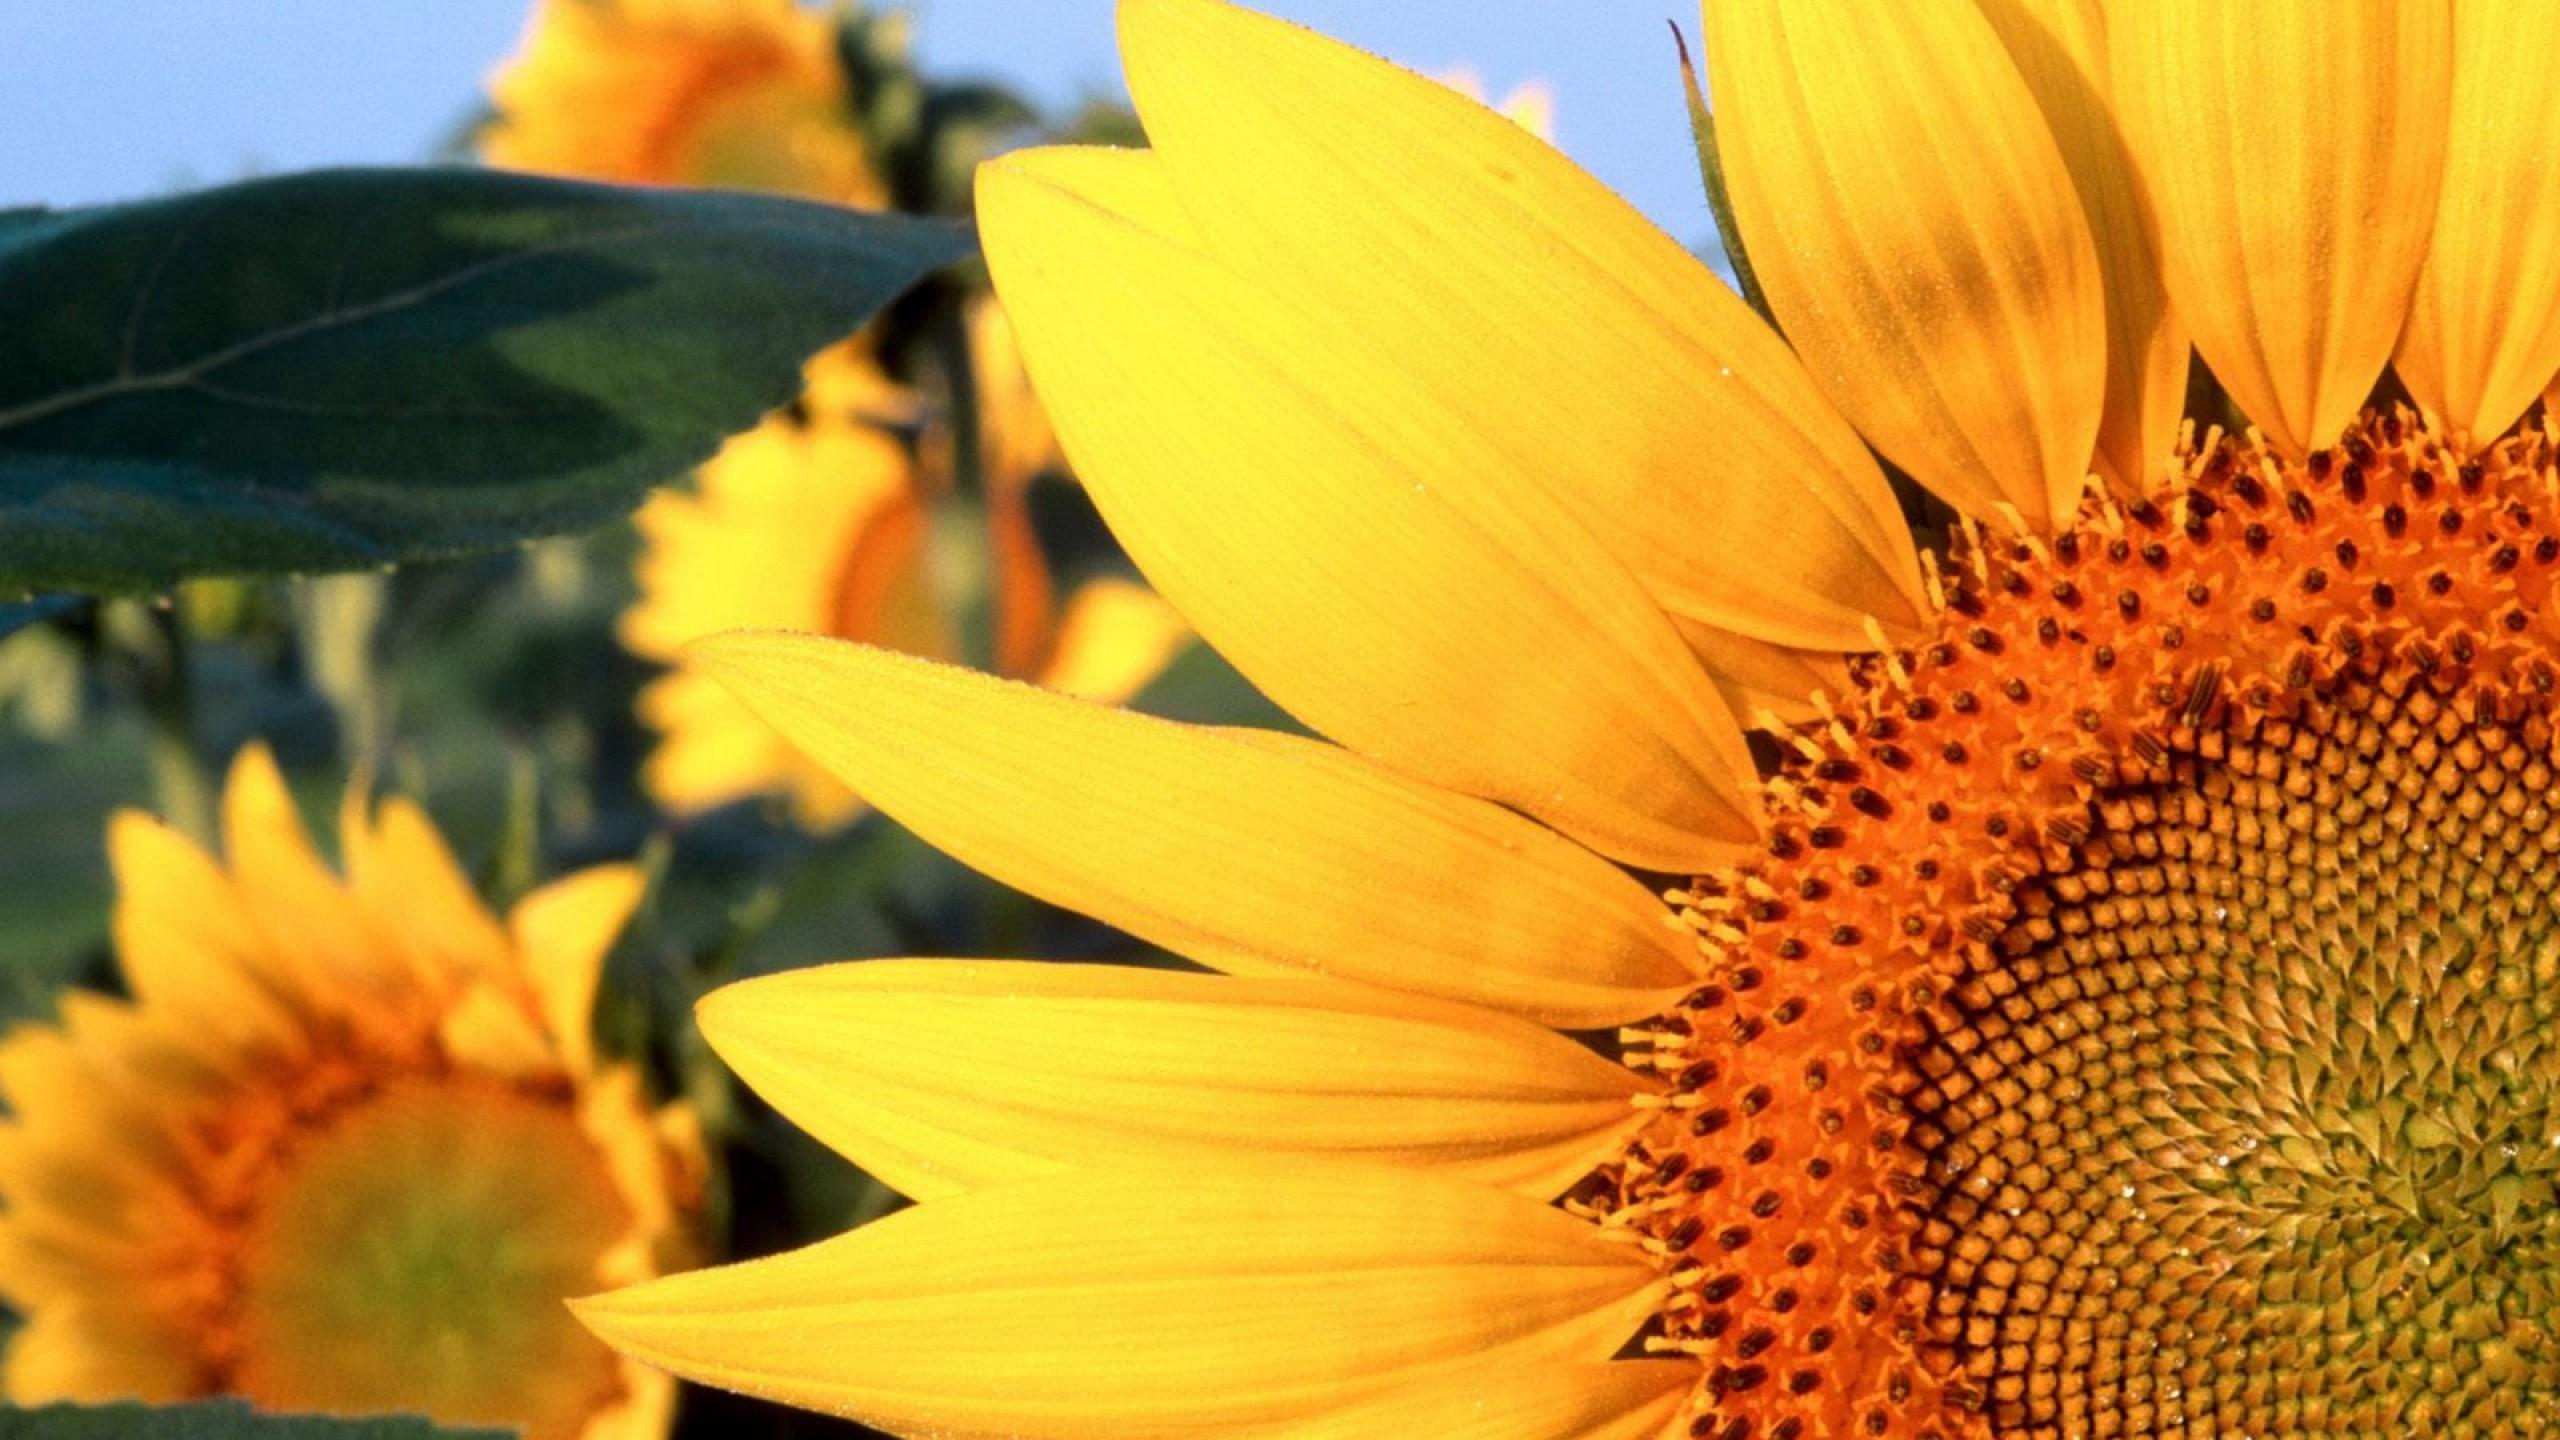 Óleo de Girassol: Remédios Caseiros Com o Girassol e o Seu Óleo